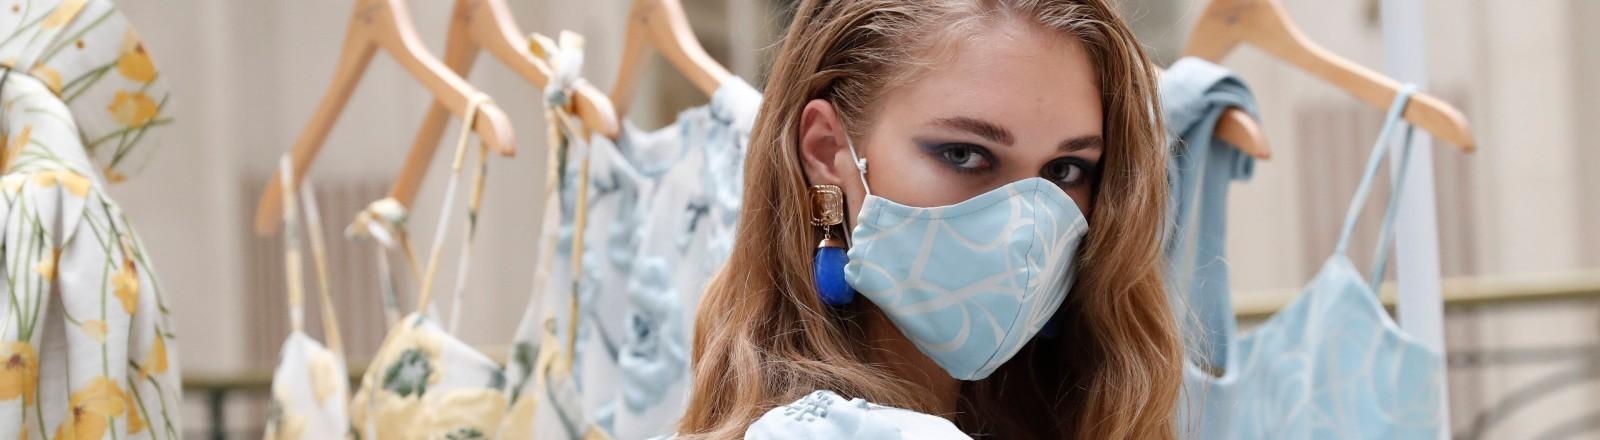 Ein Model trägt eine Maske passend zu ihrem Outfit